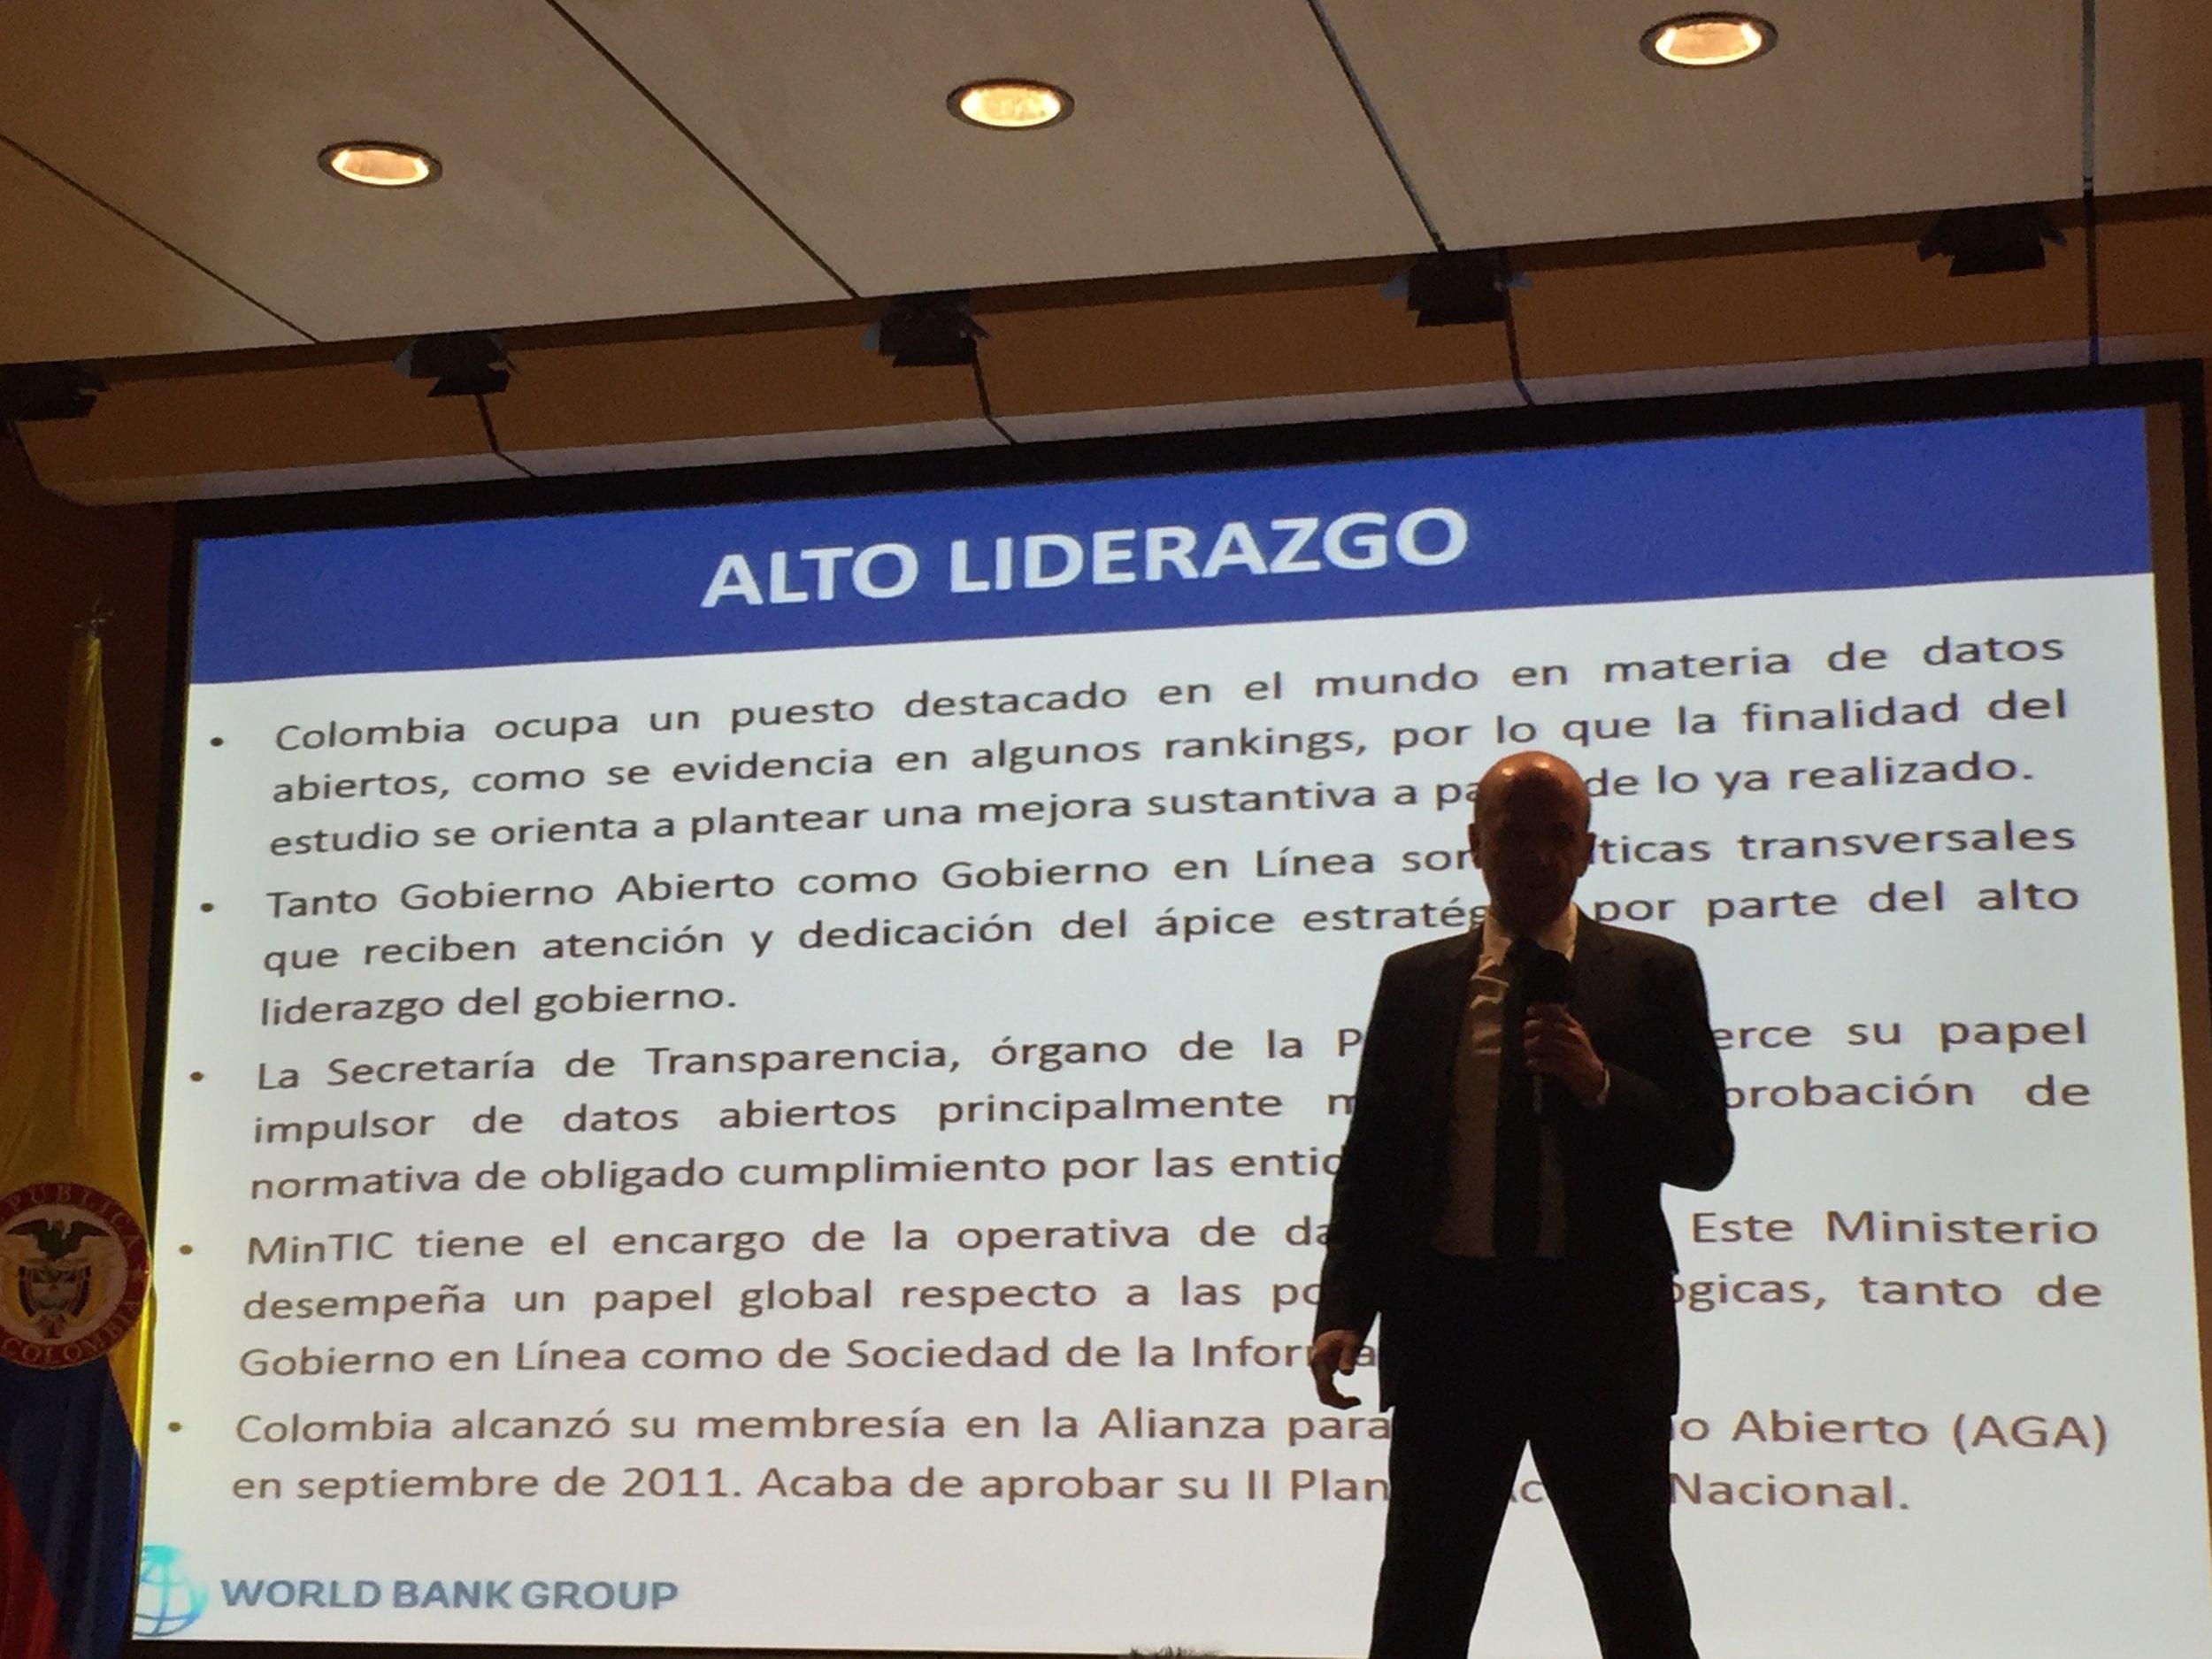 Alberto Ortiz de Zárate, el español enviado del Banco Mundial hablando sobre datos abiertos en el Ministerio TIC